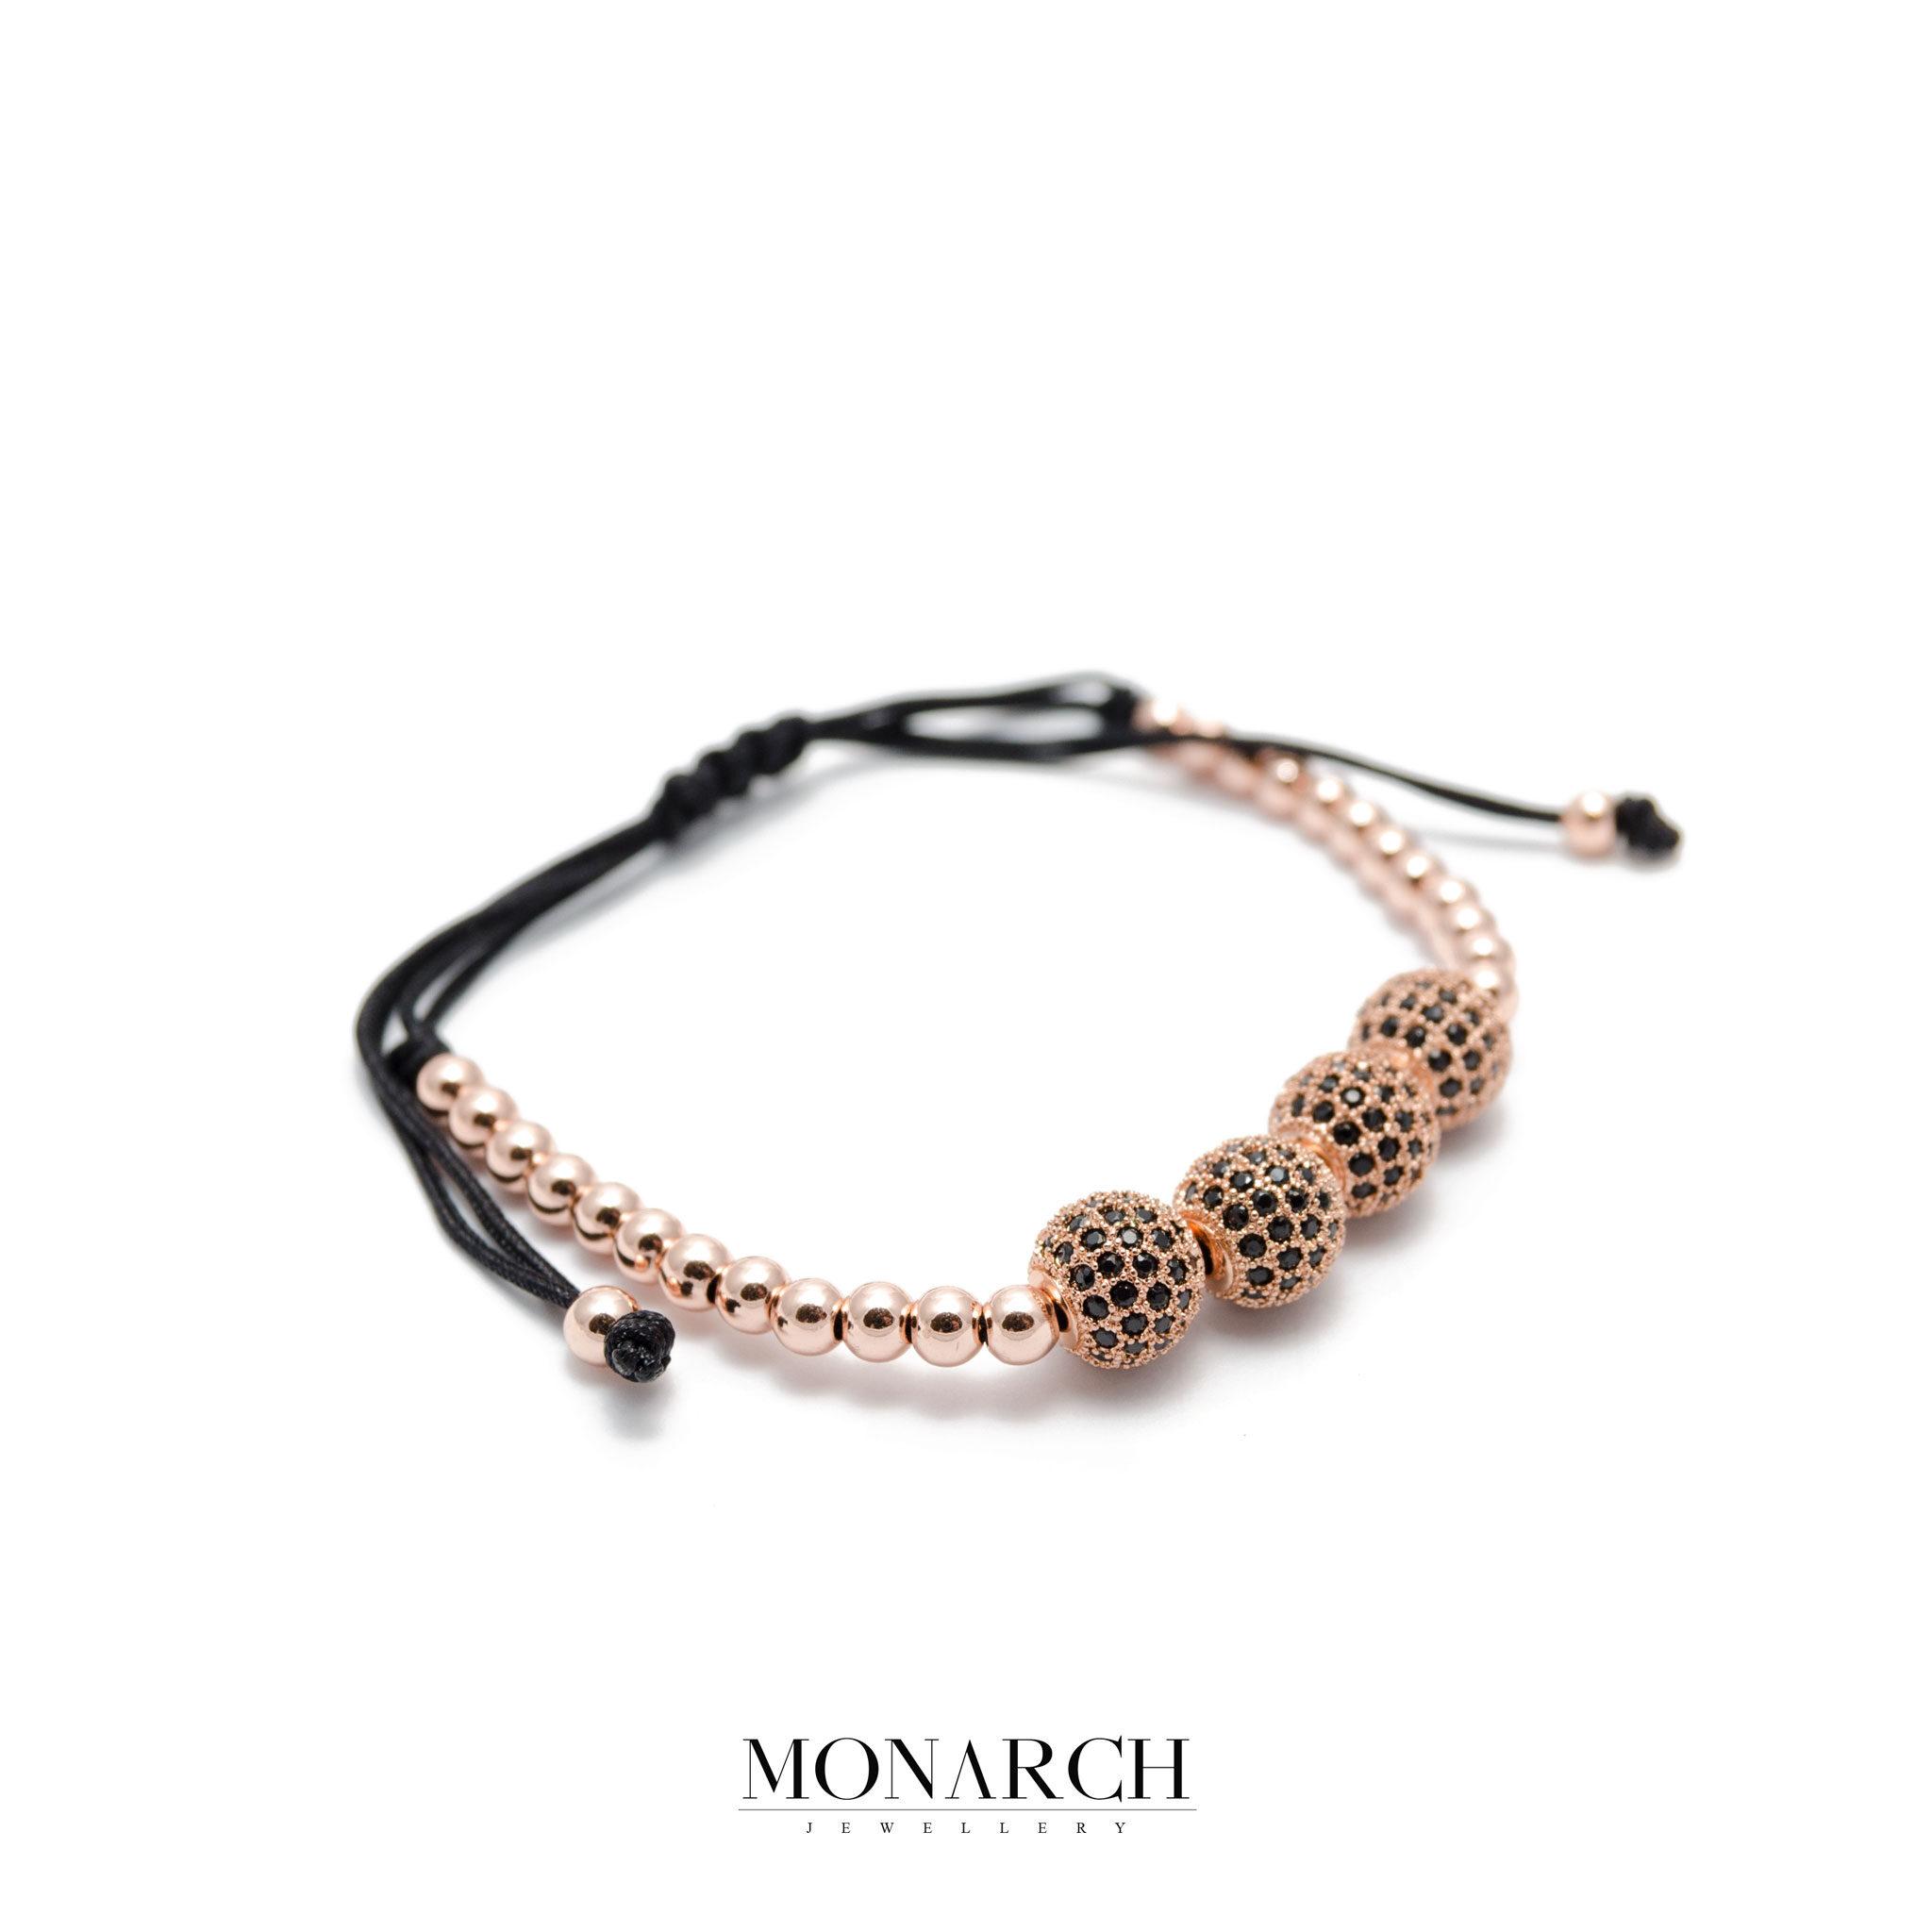 Monarch Jewellery 24K Gold Rose Zircon 4 Bead Luxury Macrame Bracelet